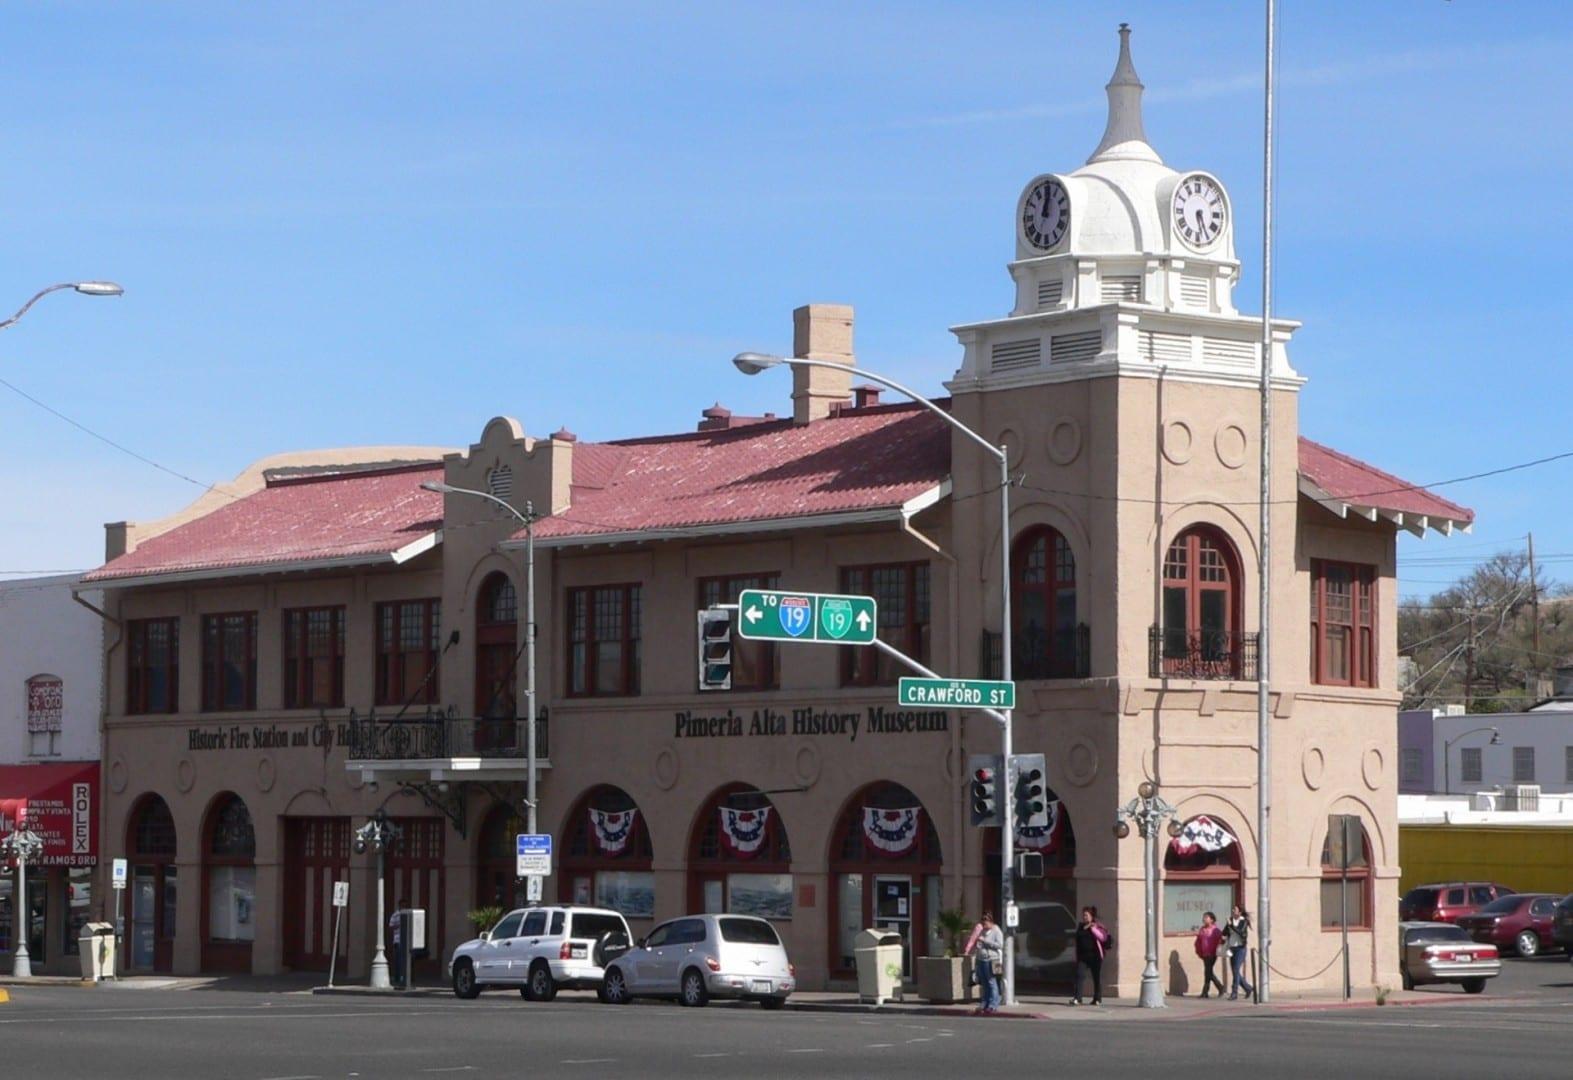 Museo Histórico de la Pimeria Alta Nogales AZ Estados Unidos